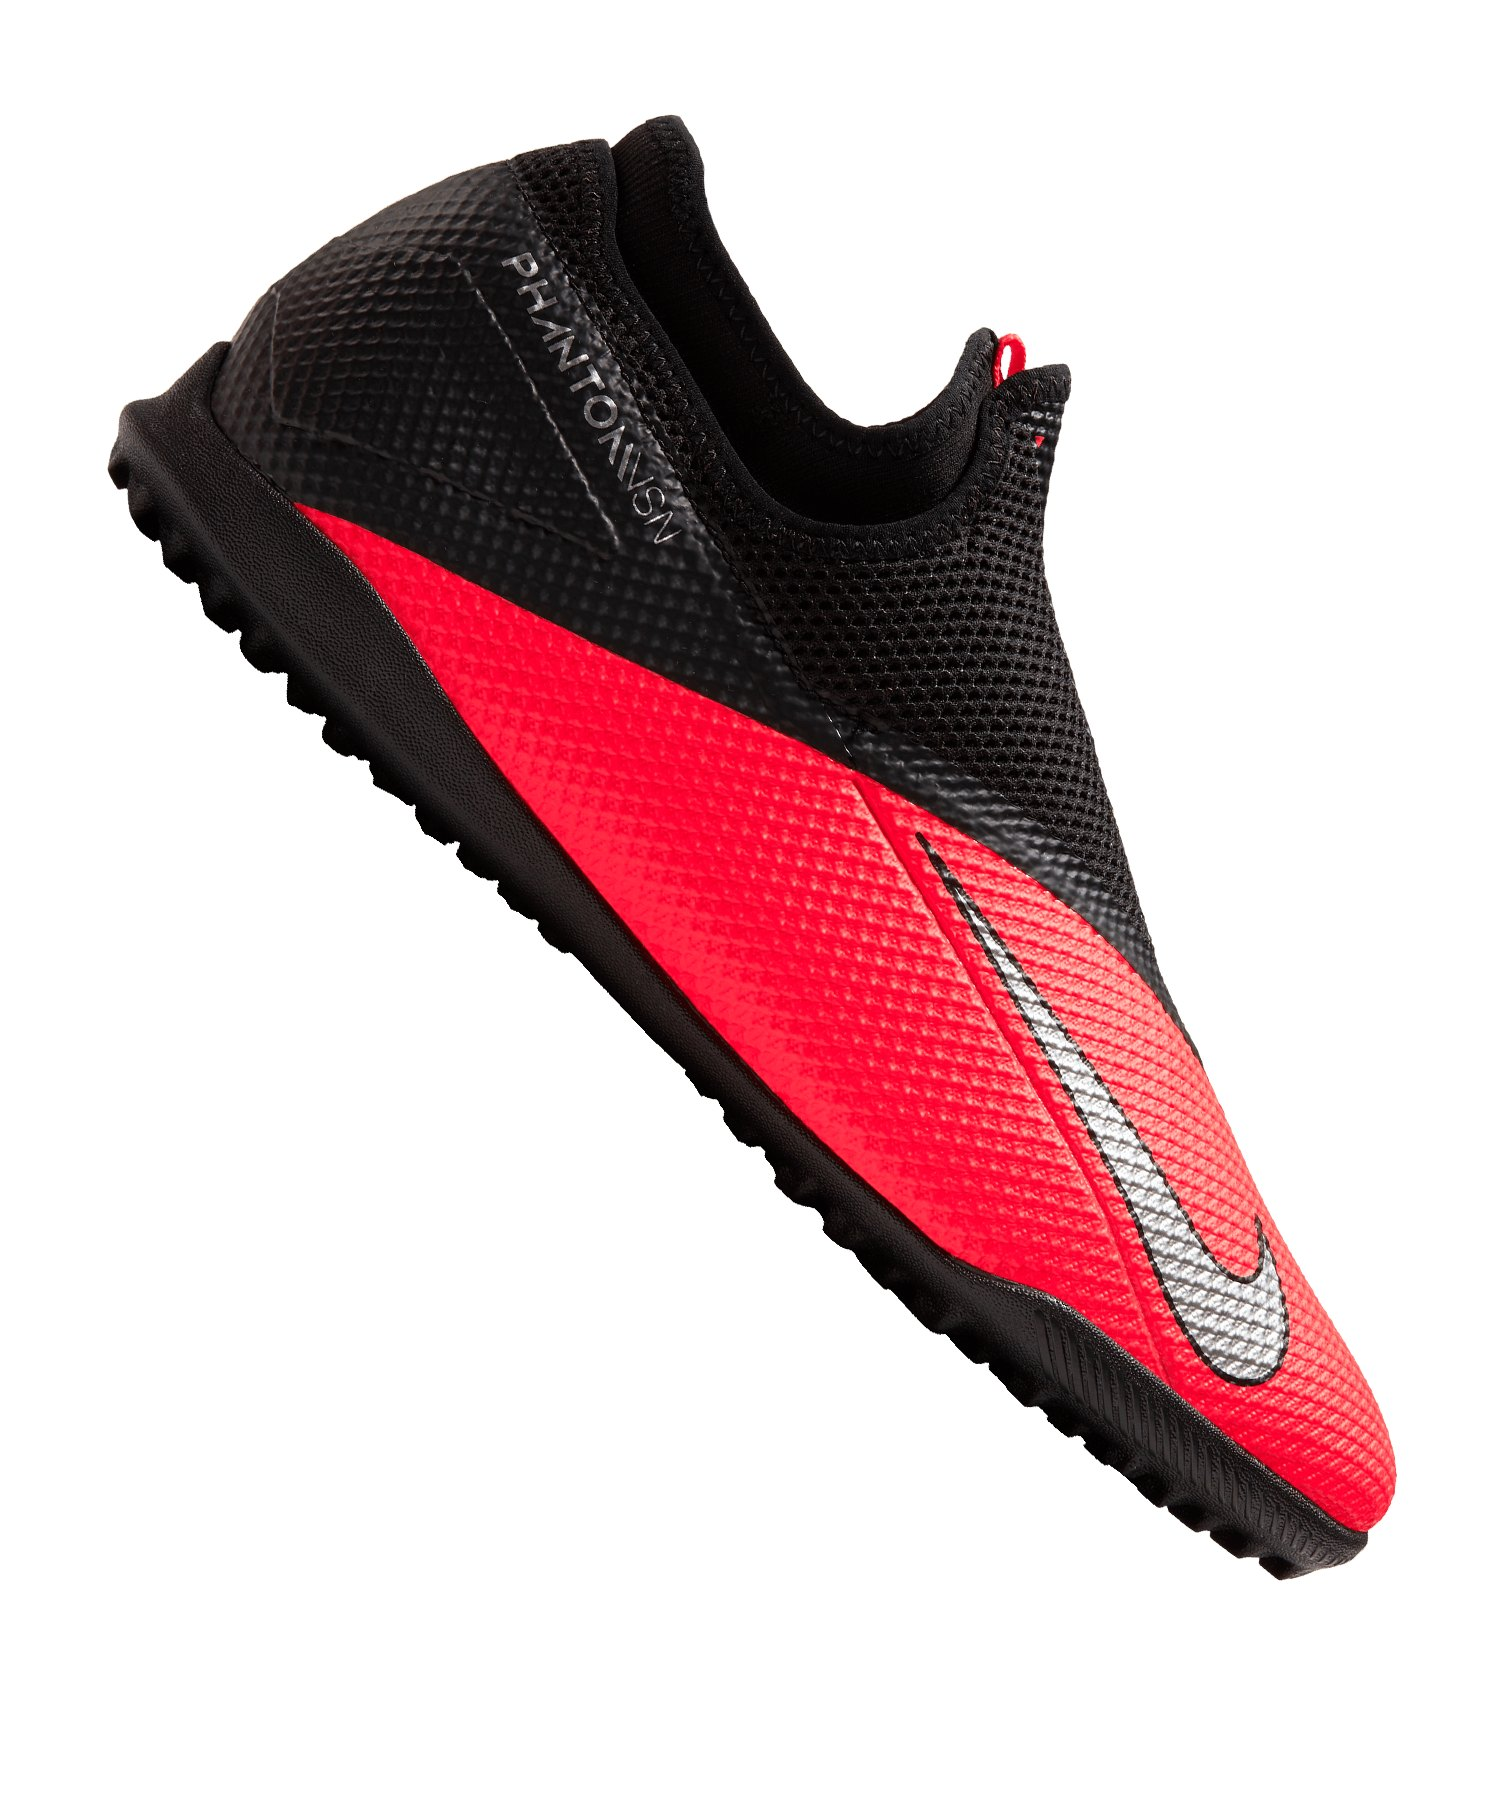 Nike Phantom Vision II Future Lab Academy DF TF Rot F606 - rot